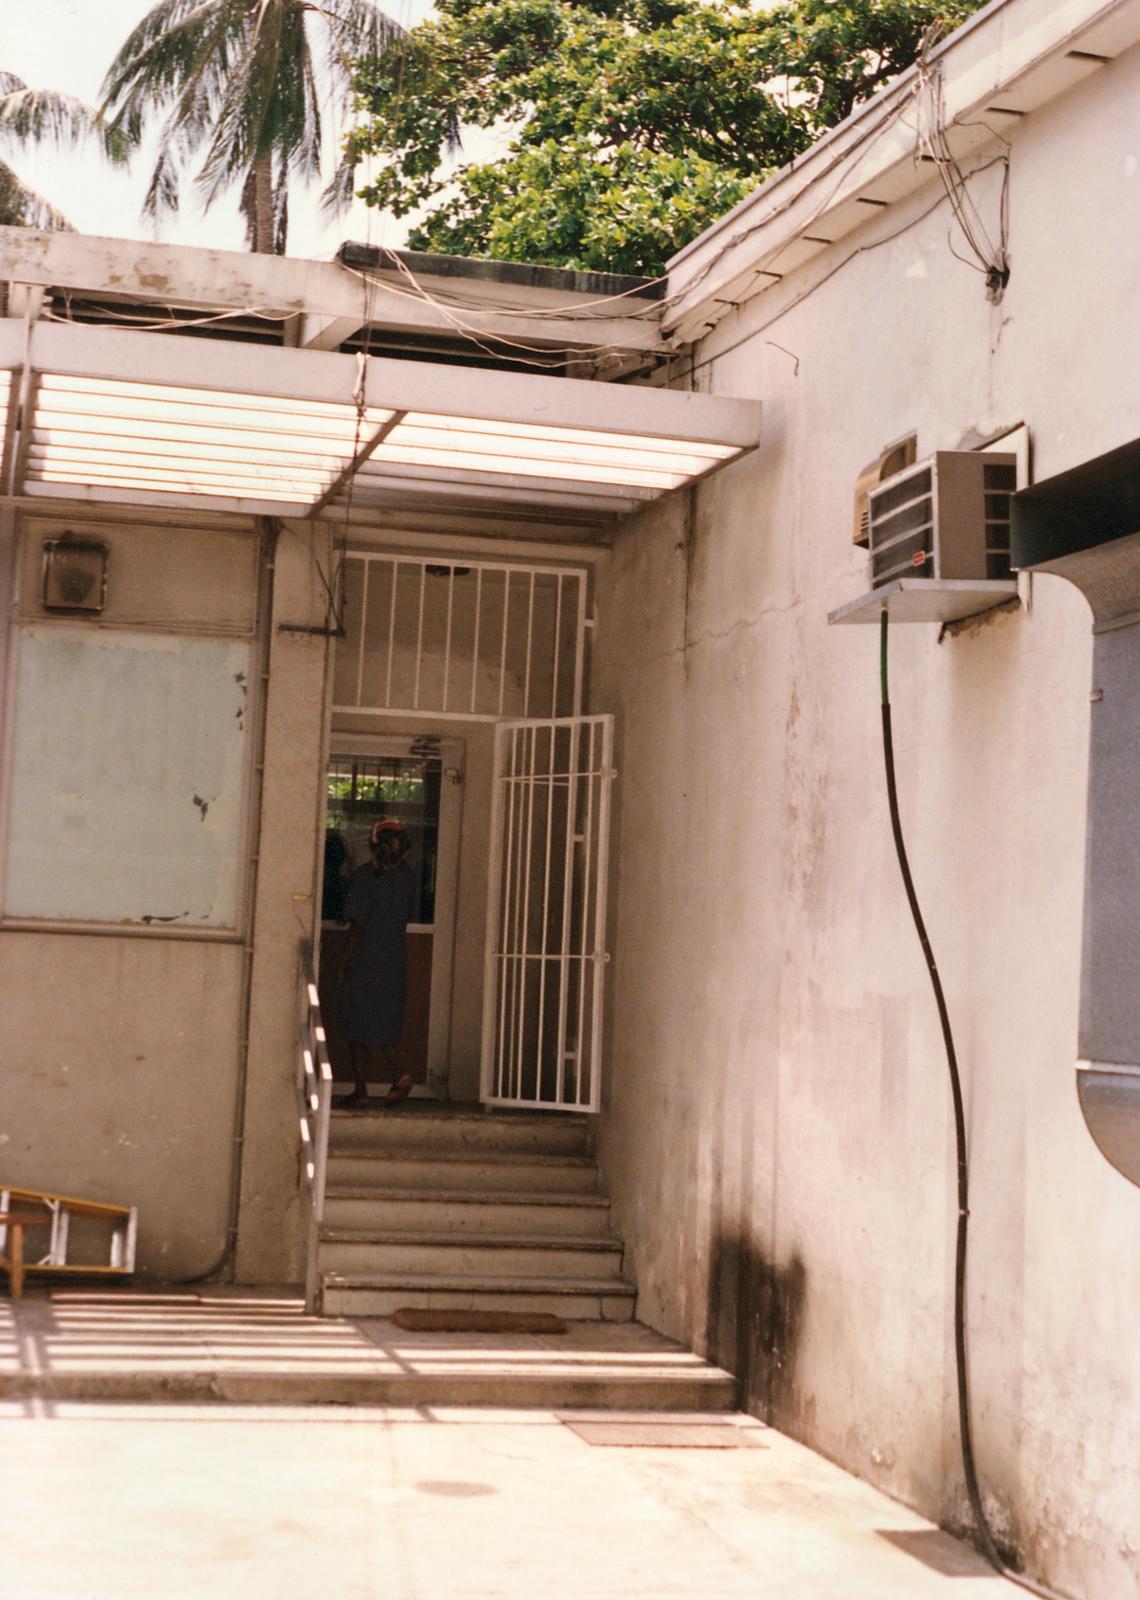 Lagos - Annex Office Building - 1991